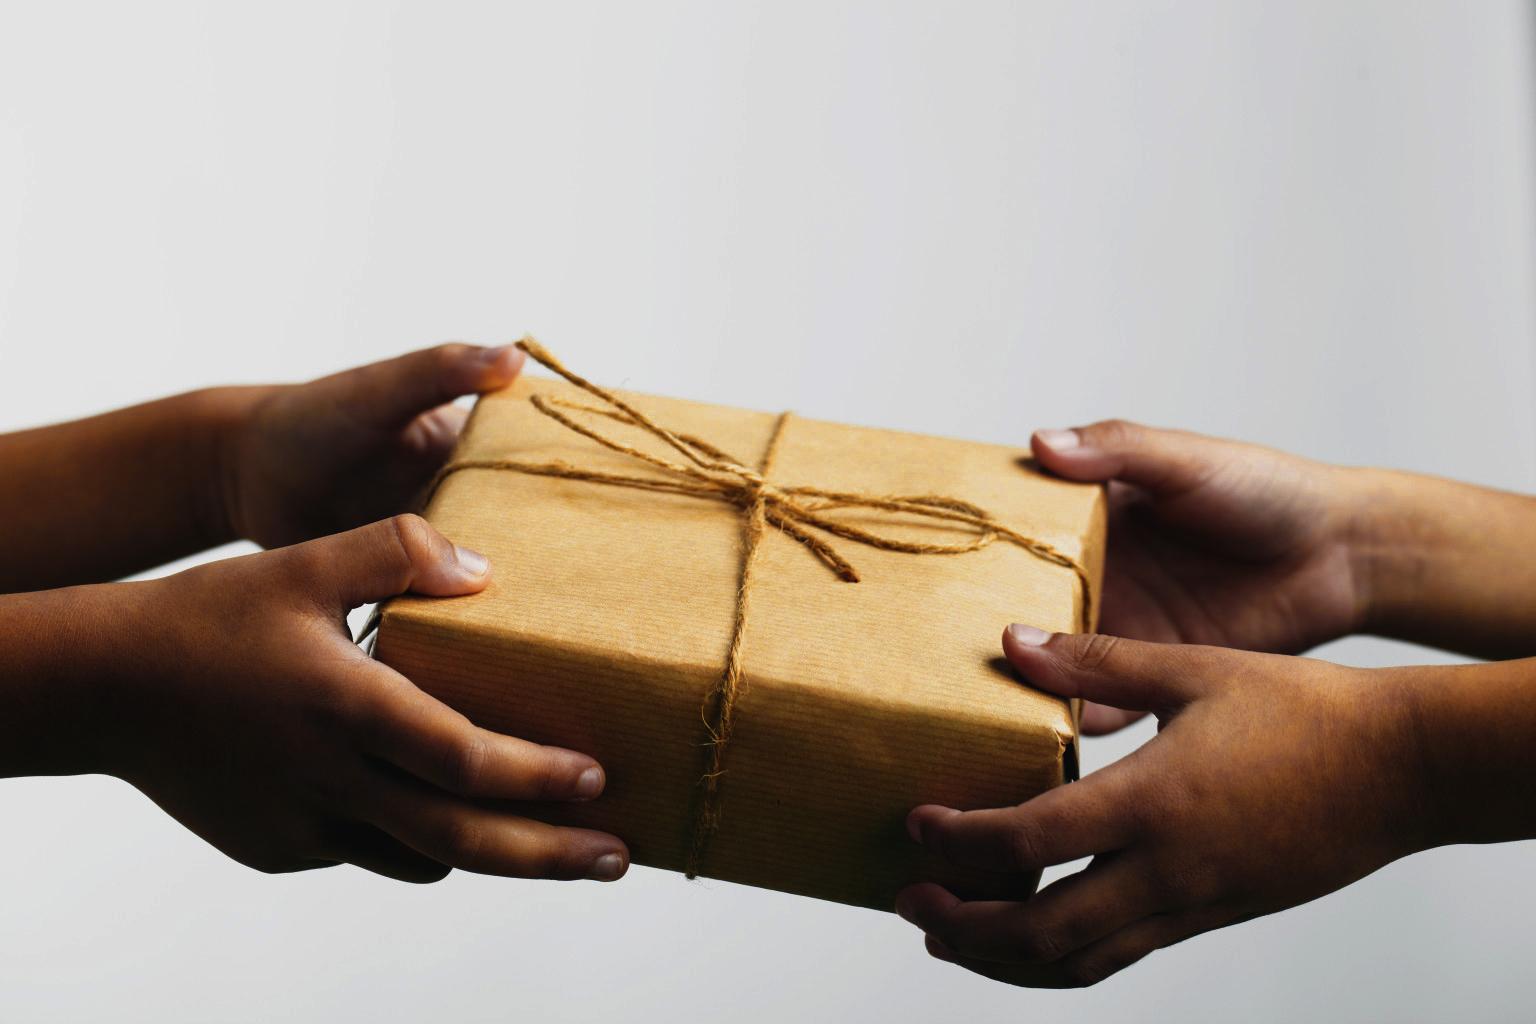 Lebih banyak kita memberi, lebih banyak kita akan menerima. [Dylan]